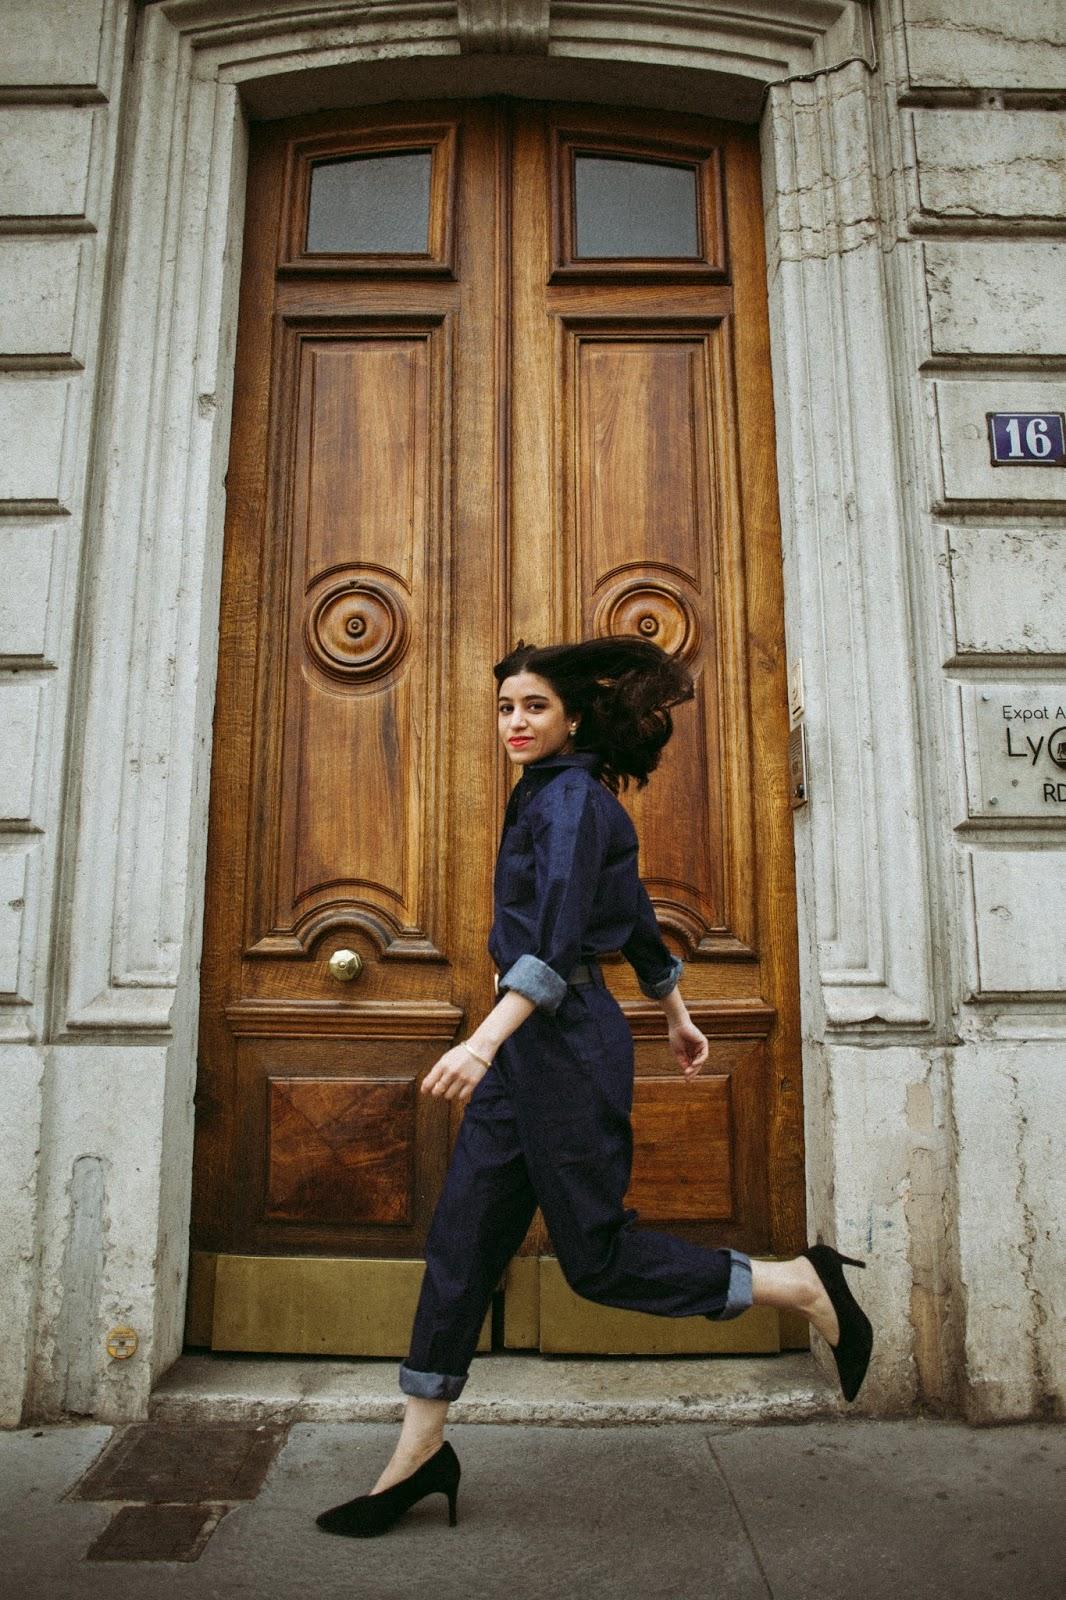 combinaison jean, combinaison denim, amenidaily, ameni daily, modeuse, blogueuse mode, le style de la parisienne, la redoute, la redoute collections, how to be parisian